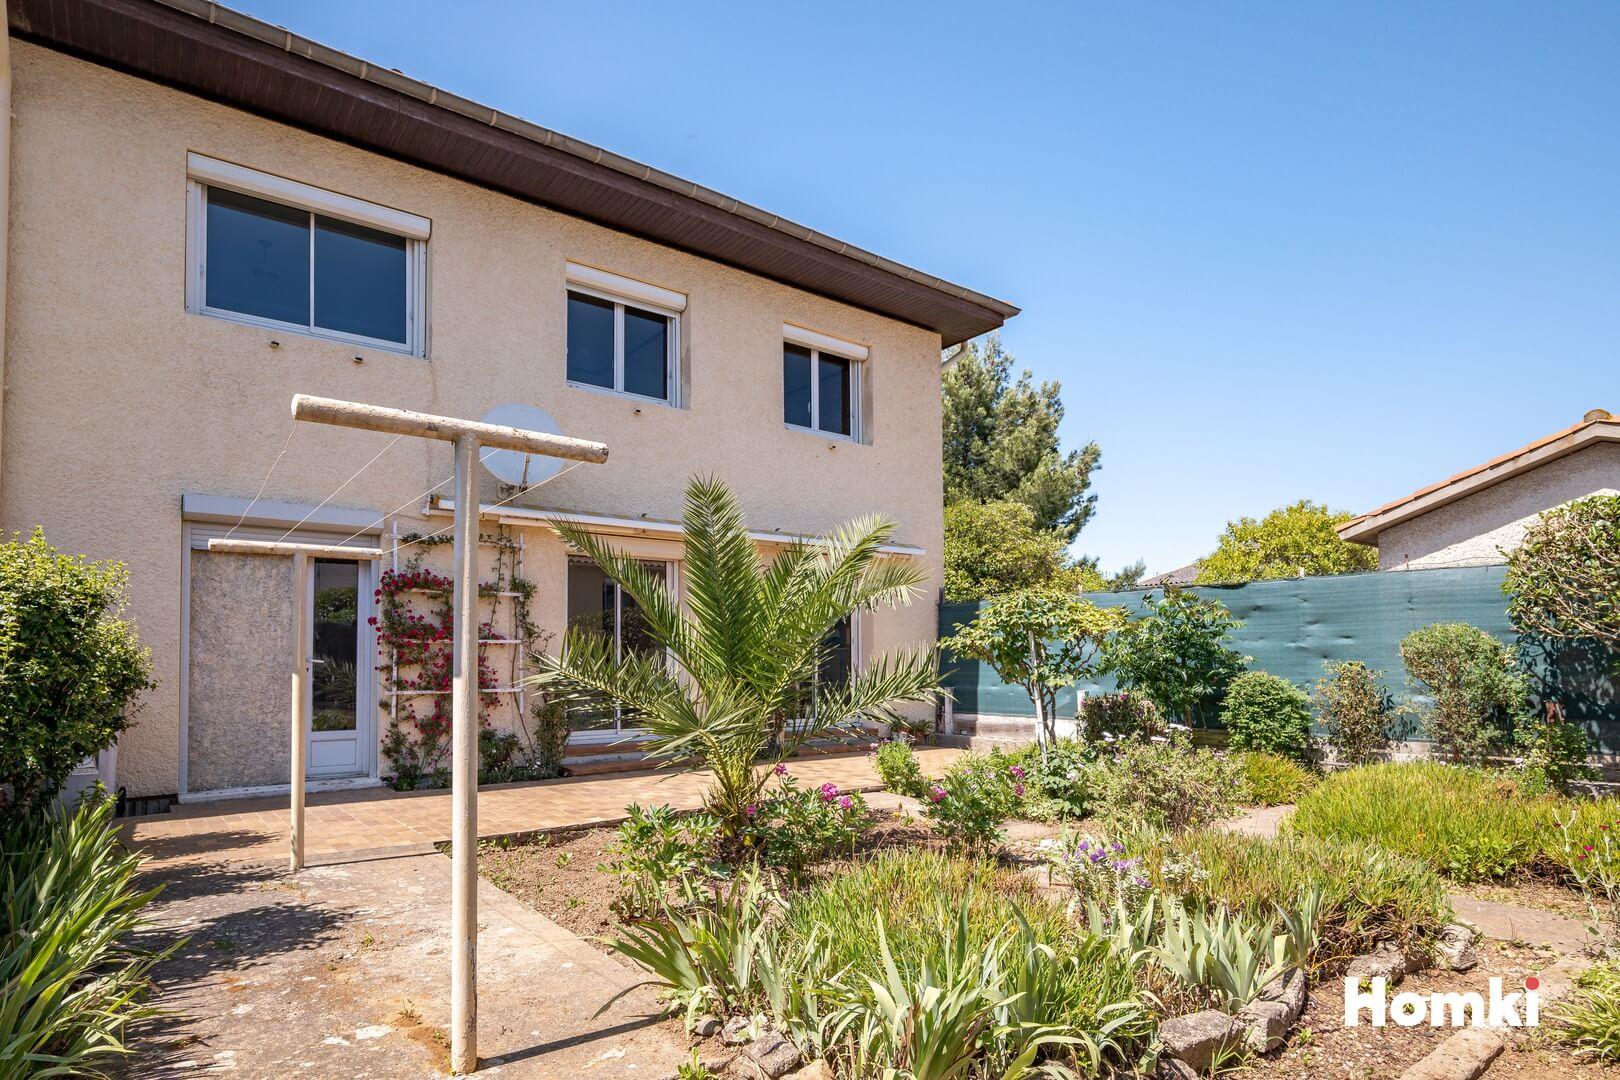 Homki - Vente Maison/villa  de 90.0 m² à Béziers 34500